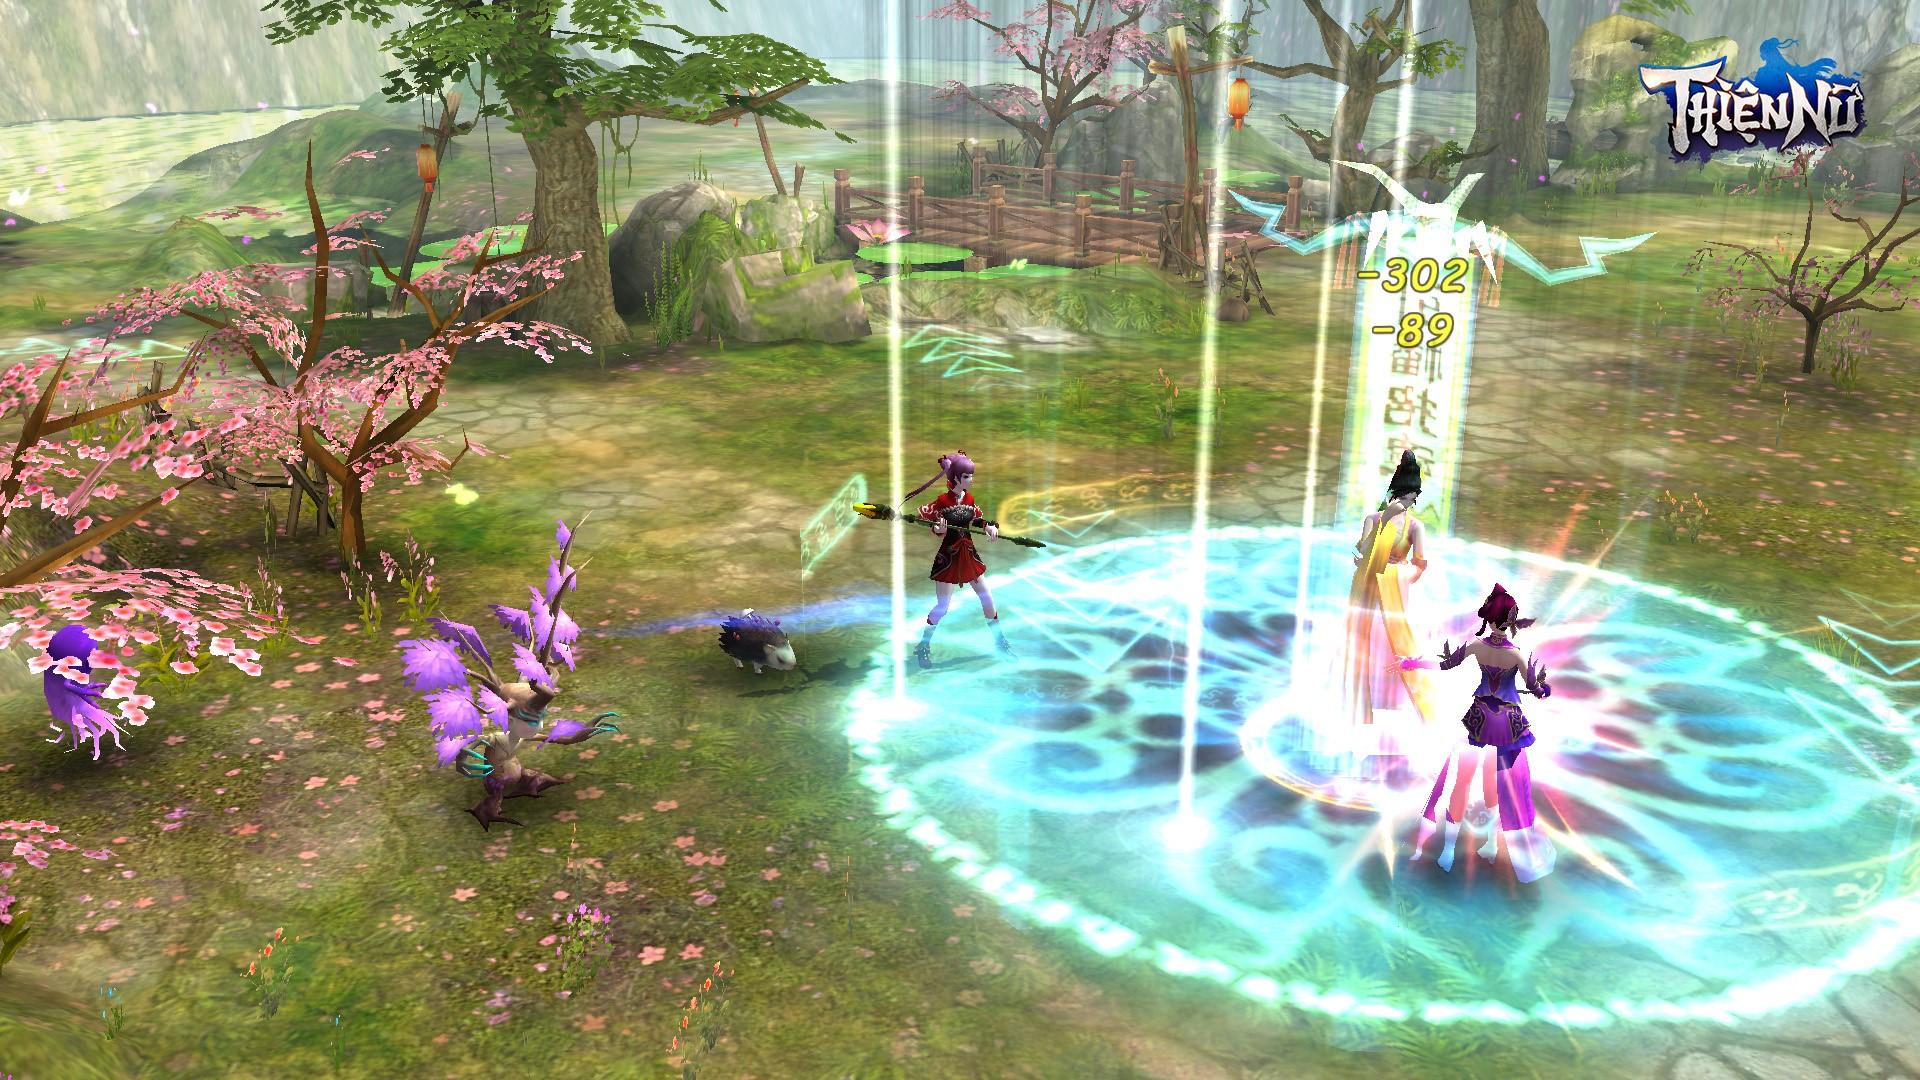 Thiện Nữ Mobile cho người chơi sống lại ký ức Thiện Nữ U Hồn cách đây 5 năm